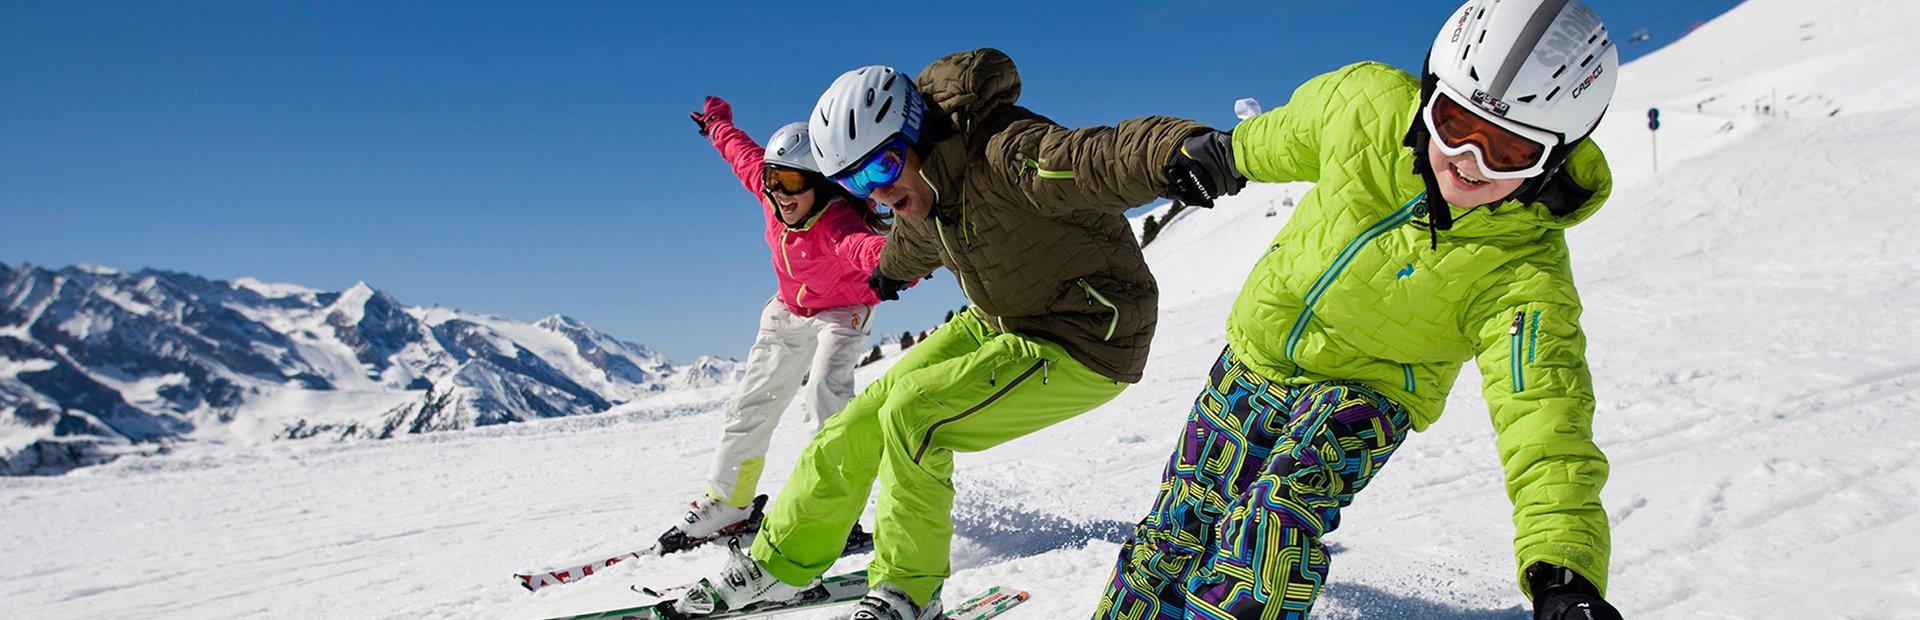 Familien-Skigebiet Hochfügen Skiurlaub mit Kindern Tiroler Zillertal Skispaß Familie